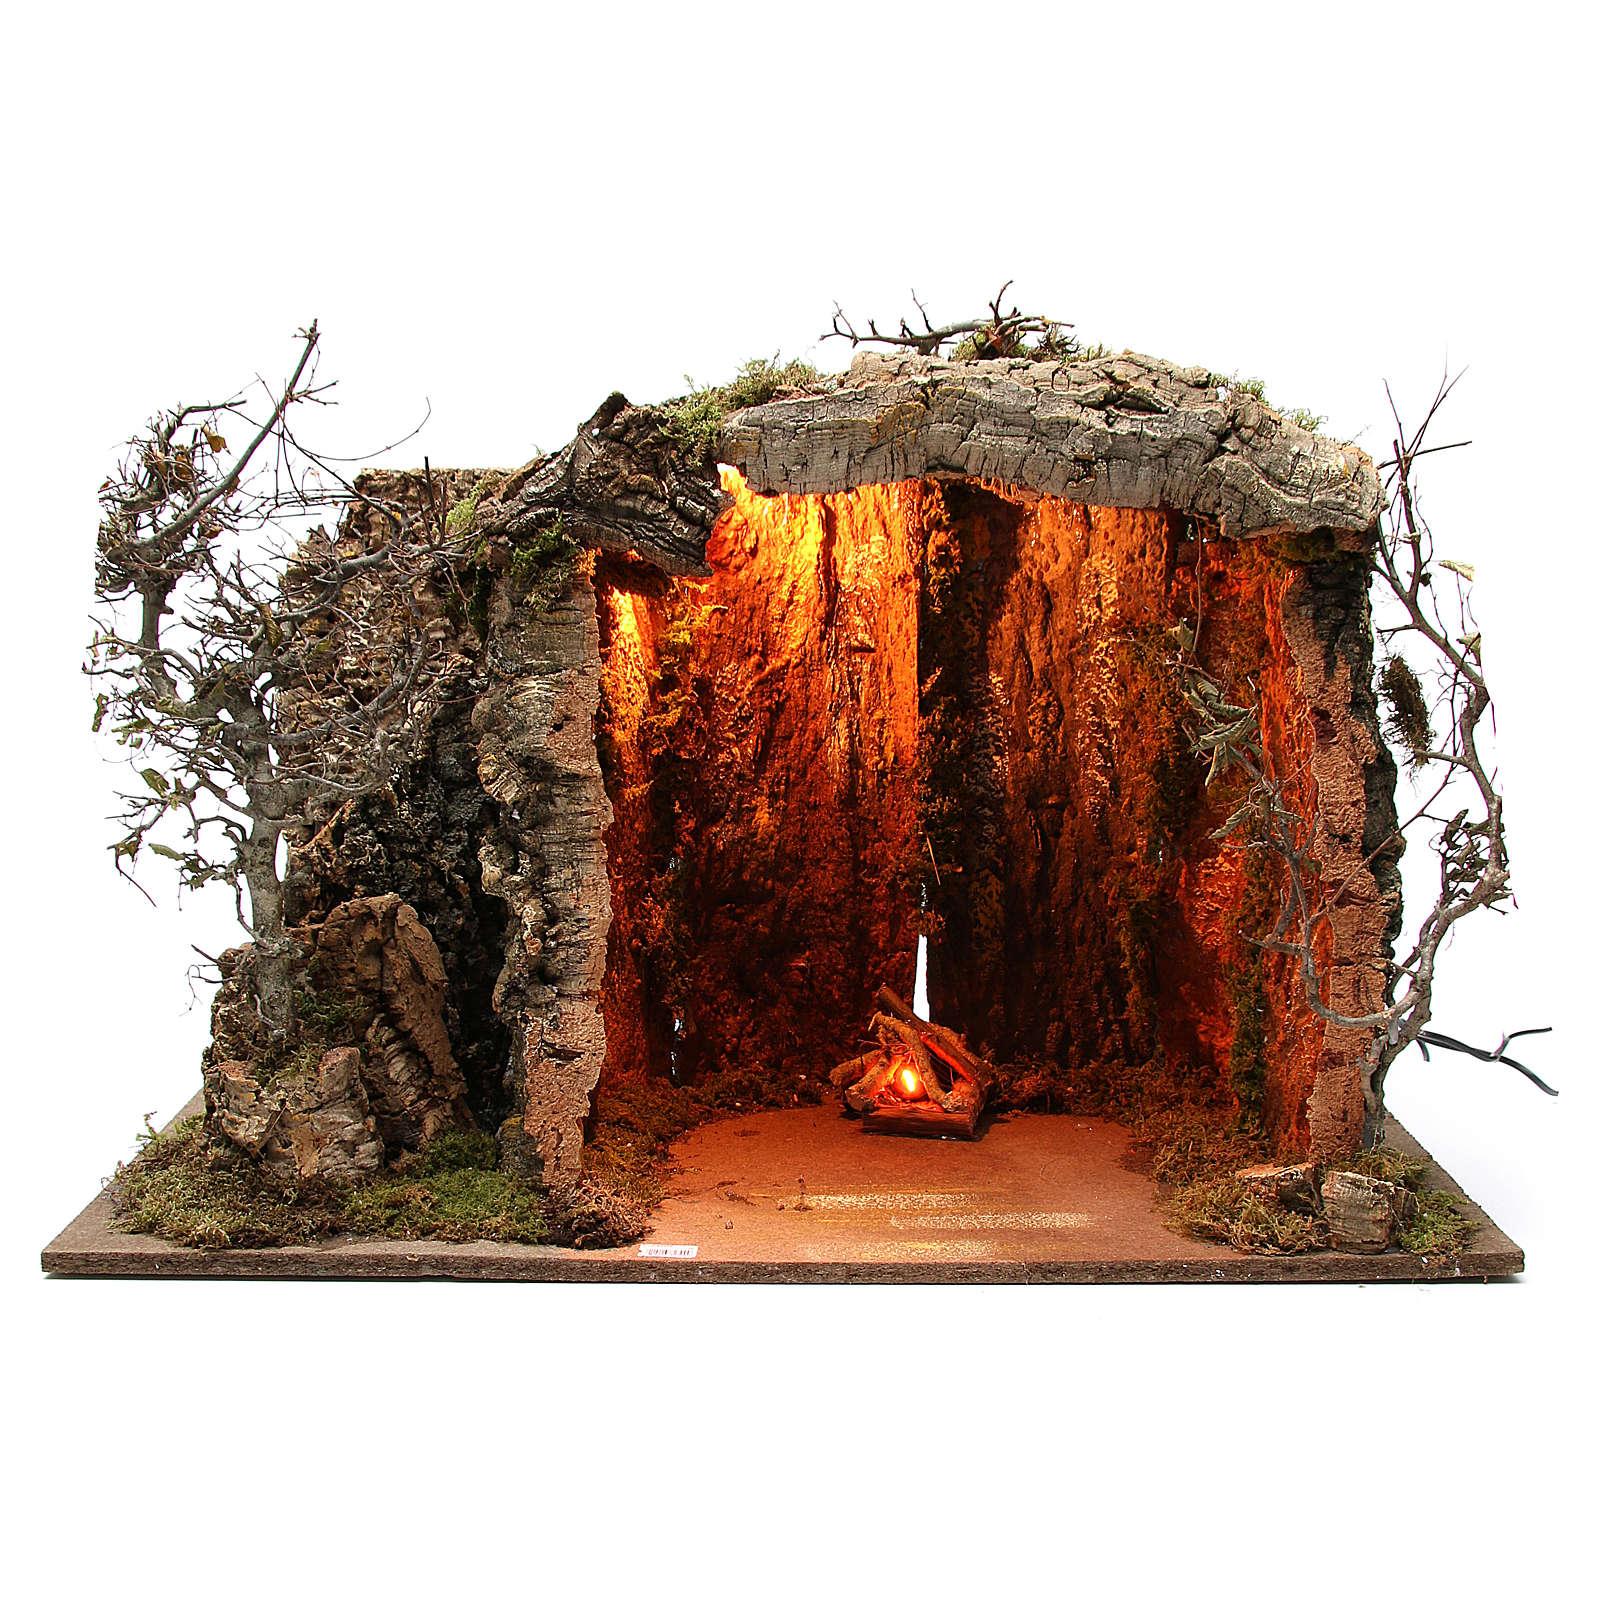 Cabane crèche illuminée avec santons 32 cm effet feu 55x76x40 cm 4